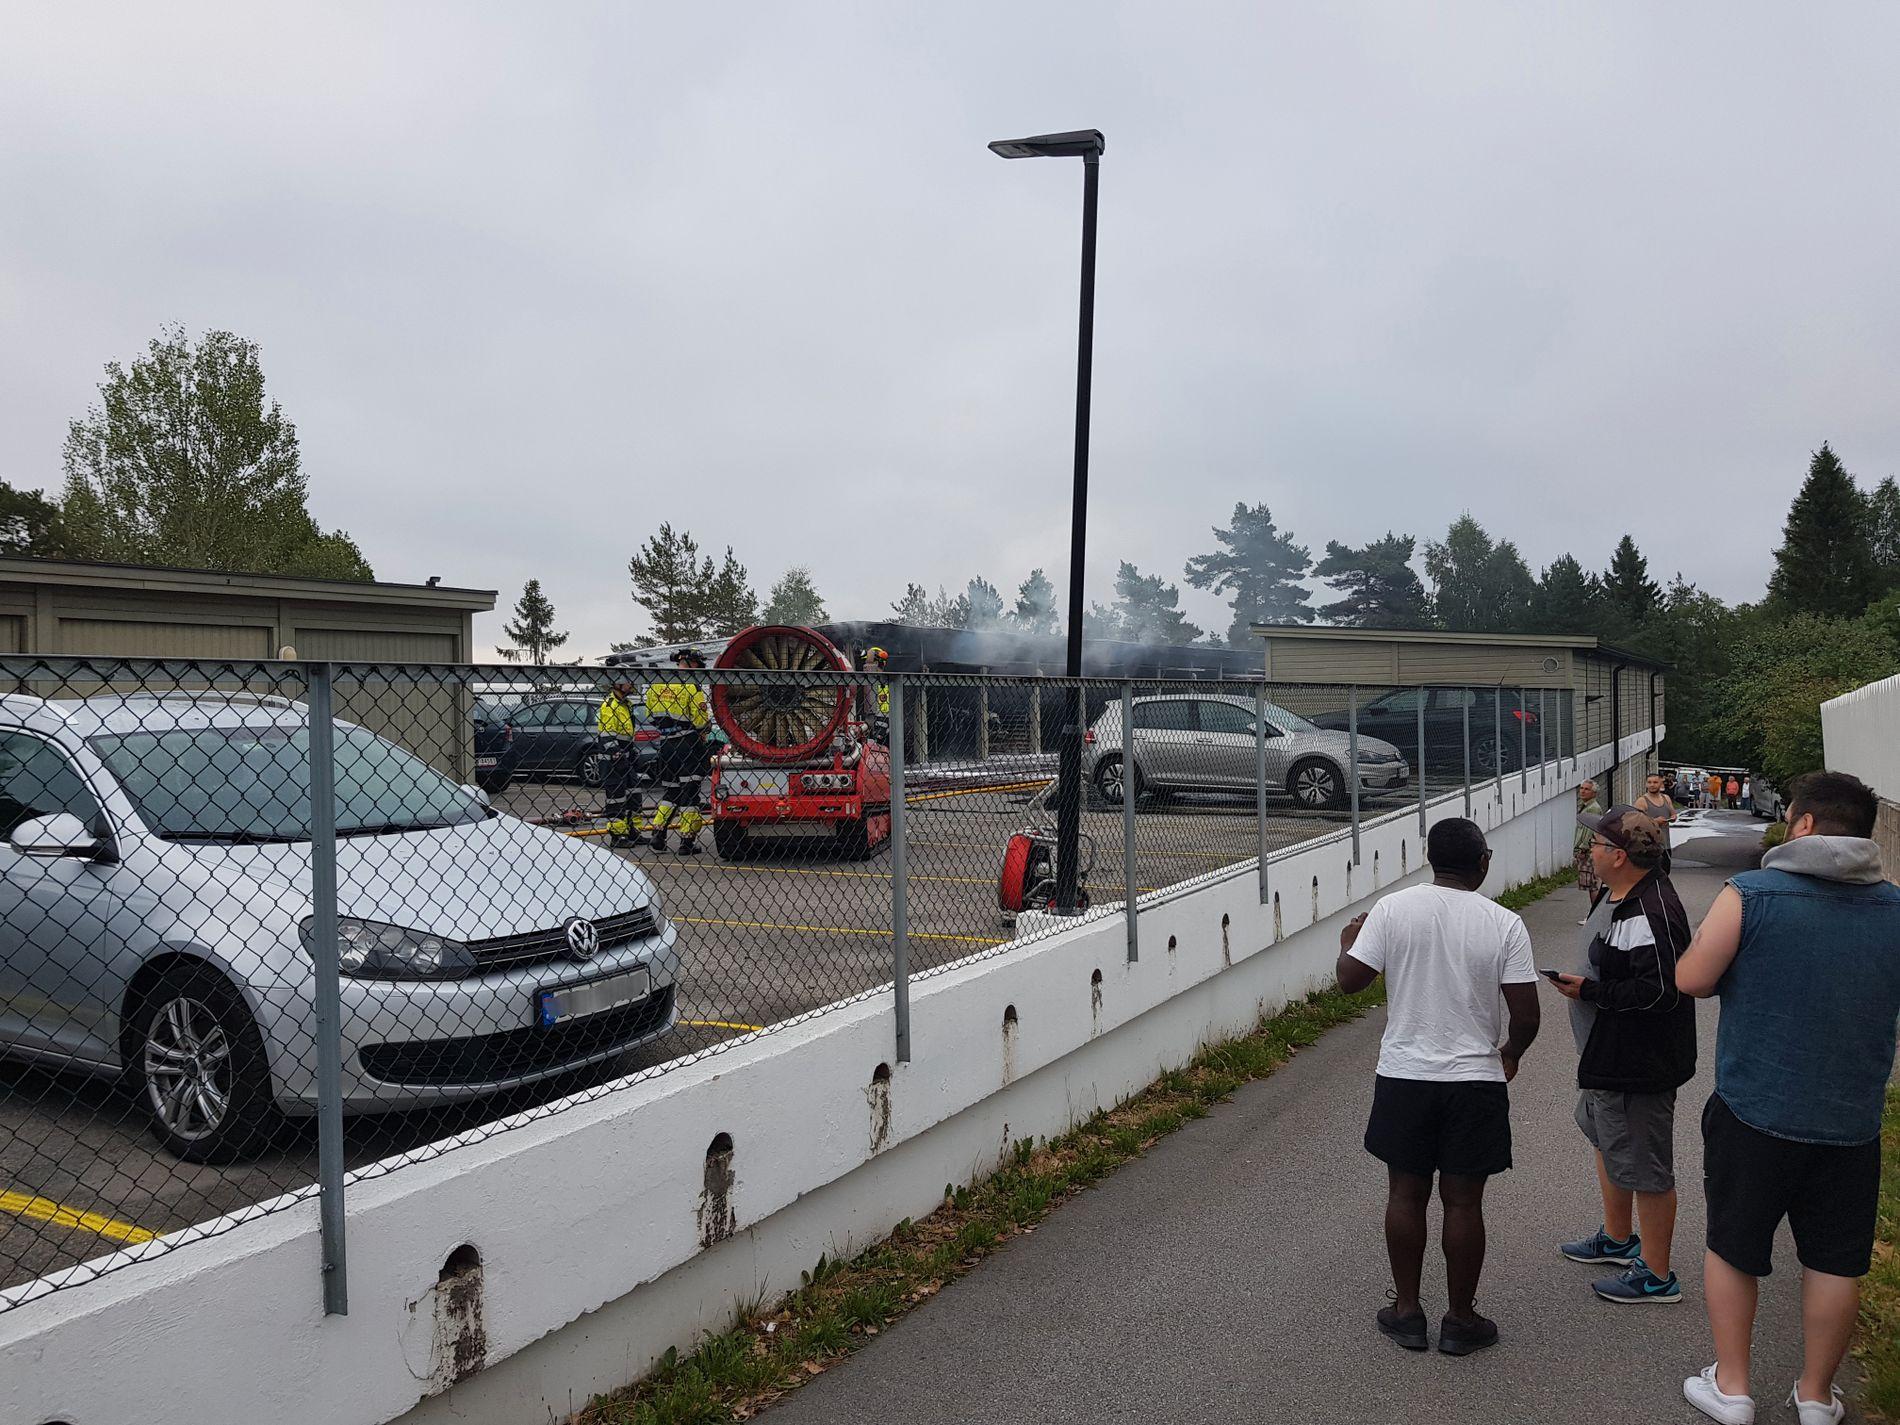 FLERE BILER I BRANN: Et titalls kjøretøy på Nyjordet har ifølge politiet fått ulike skader som følge av bilbrann.